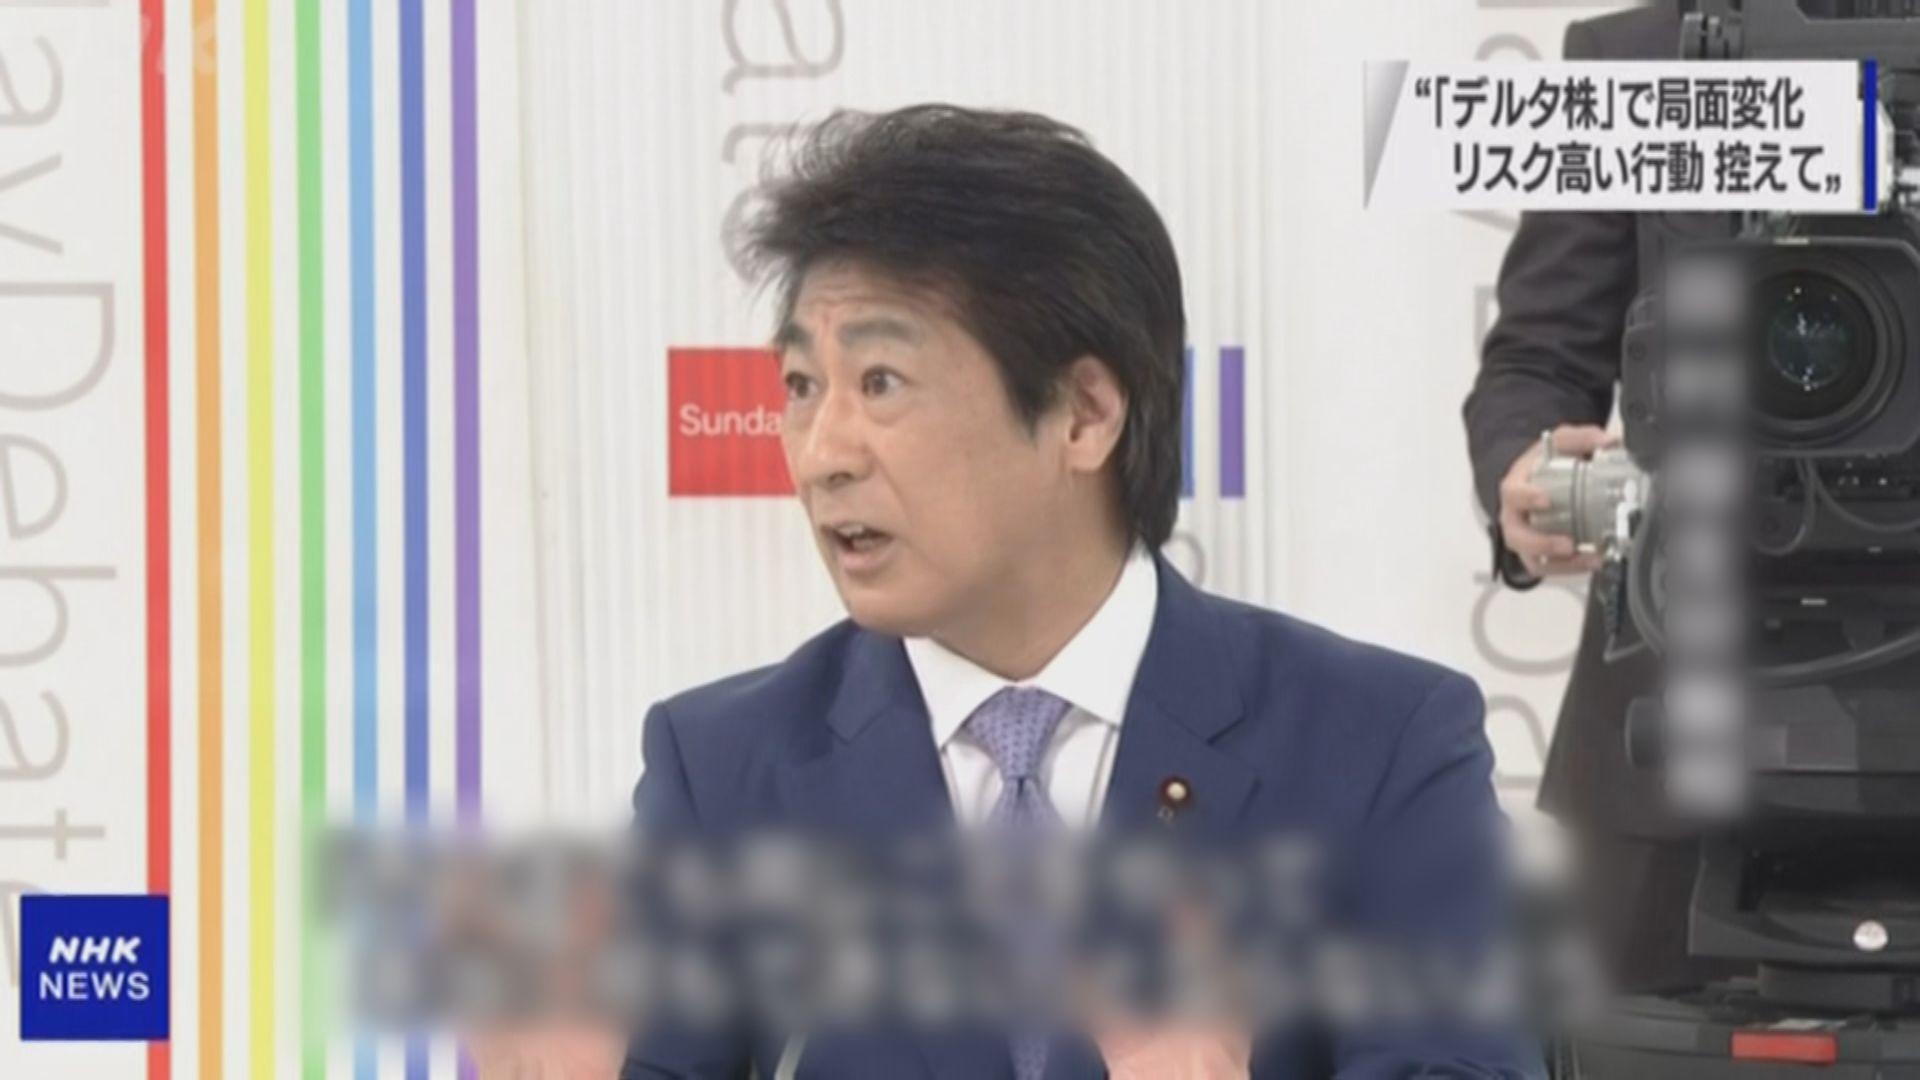 東京多逾三千宗新冠確診 政府籲避免參與高風險活動